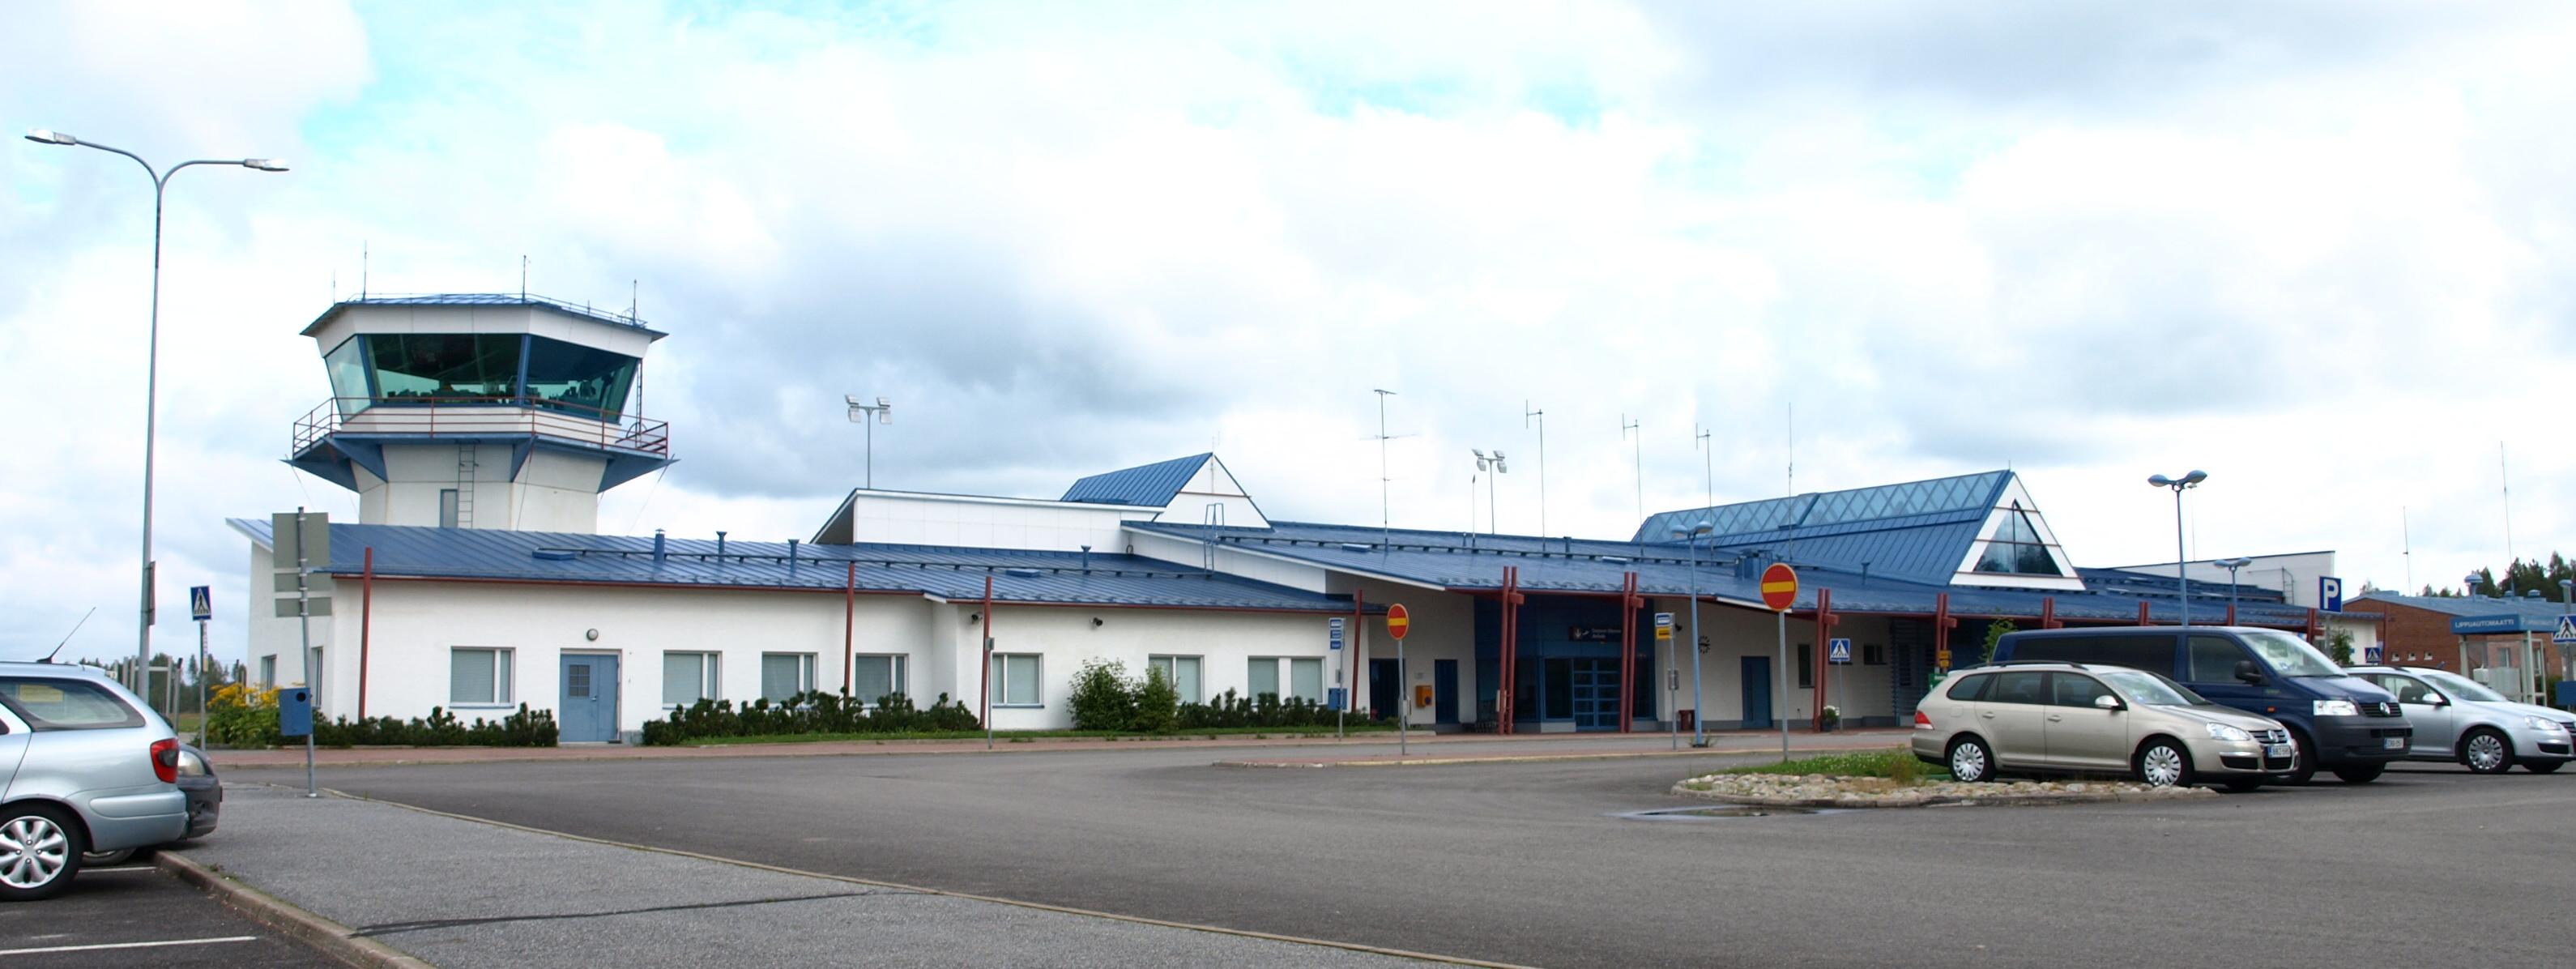 Kajaanin Lentokenttä